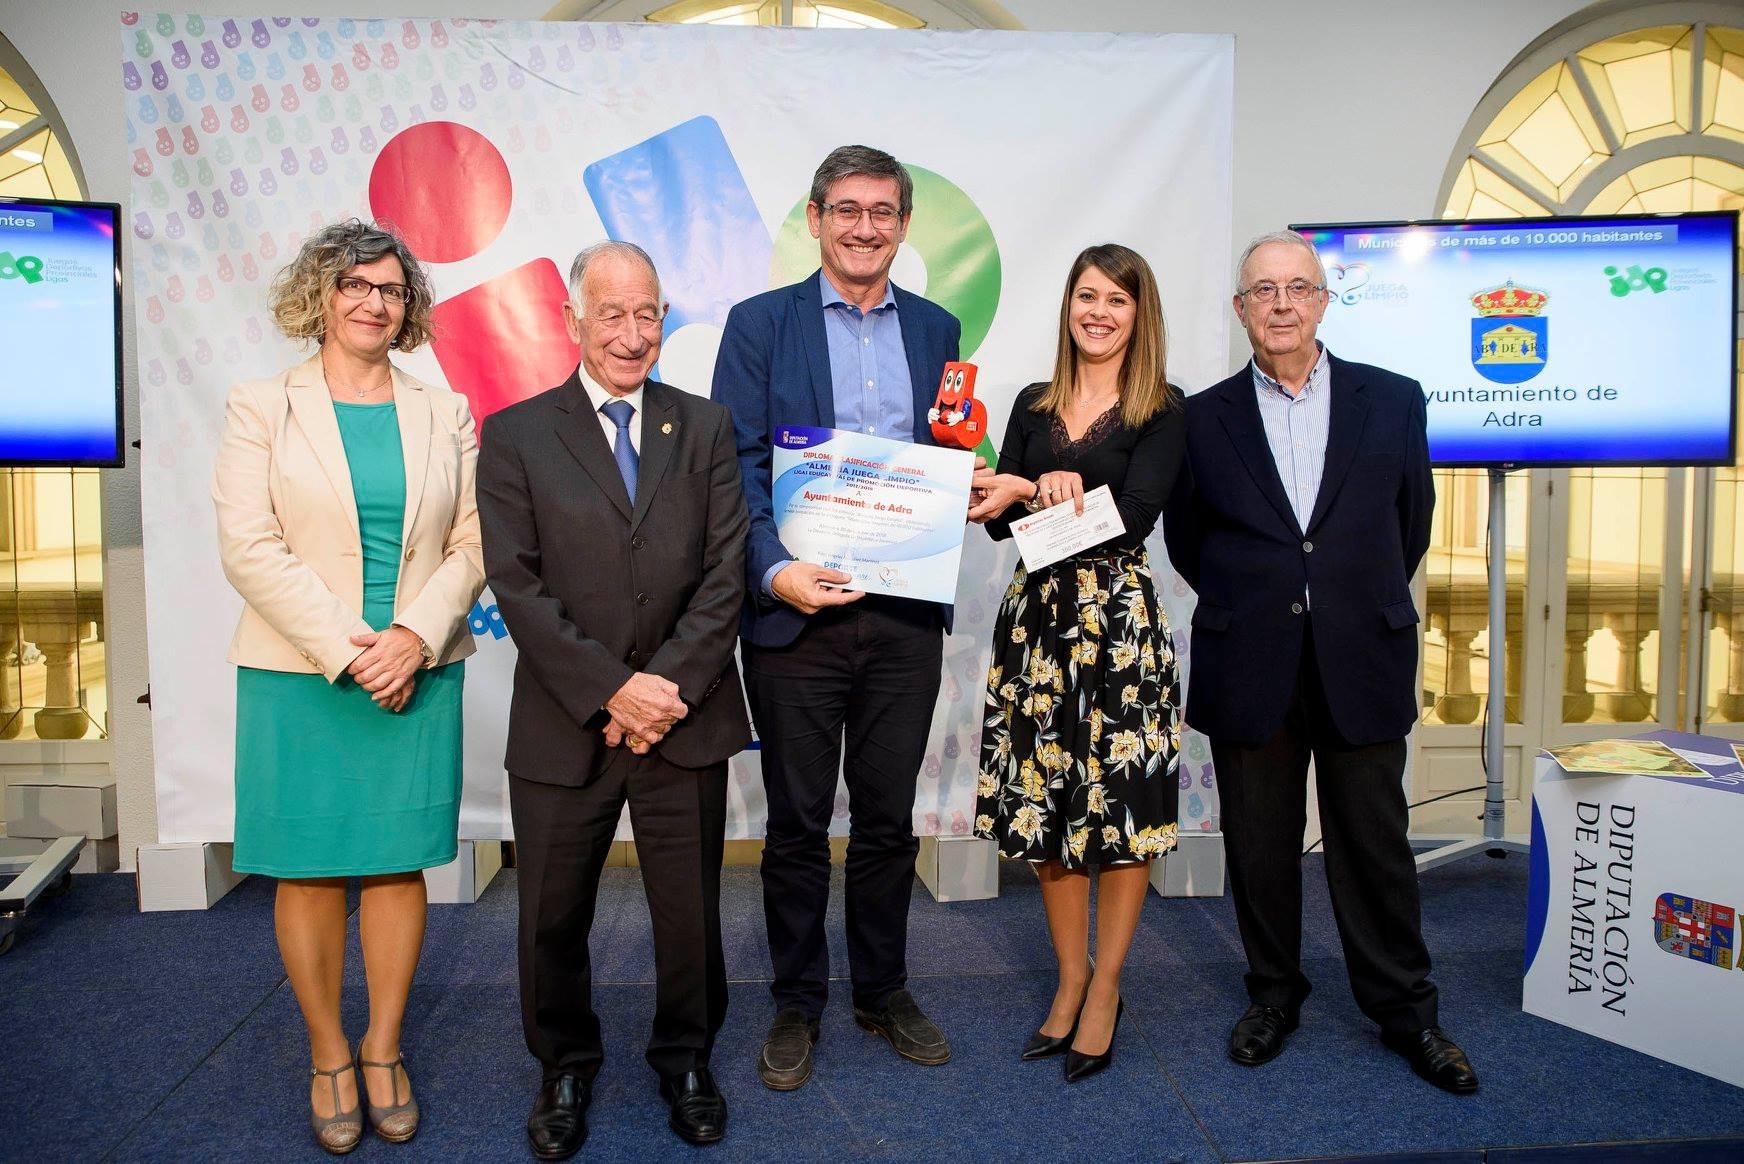 La Diputación de Almería reconoce el trabajo de fomento del deporte del Ayuntamiento de Adra